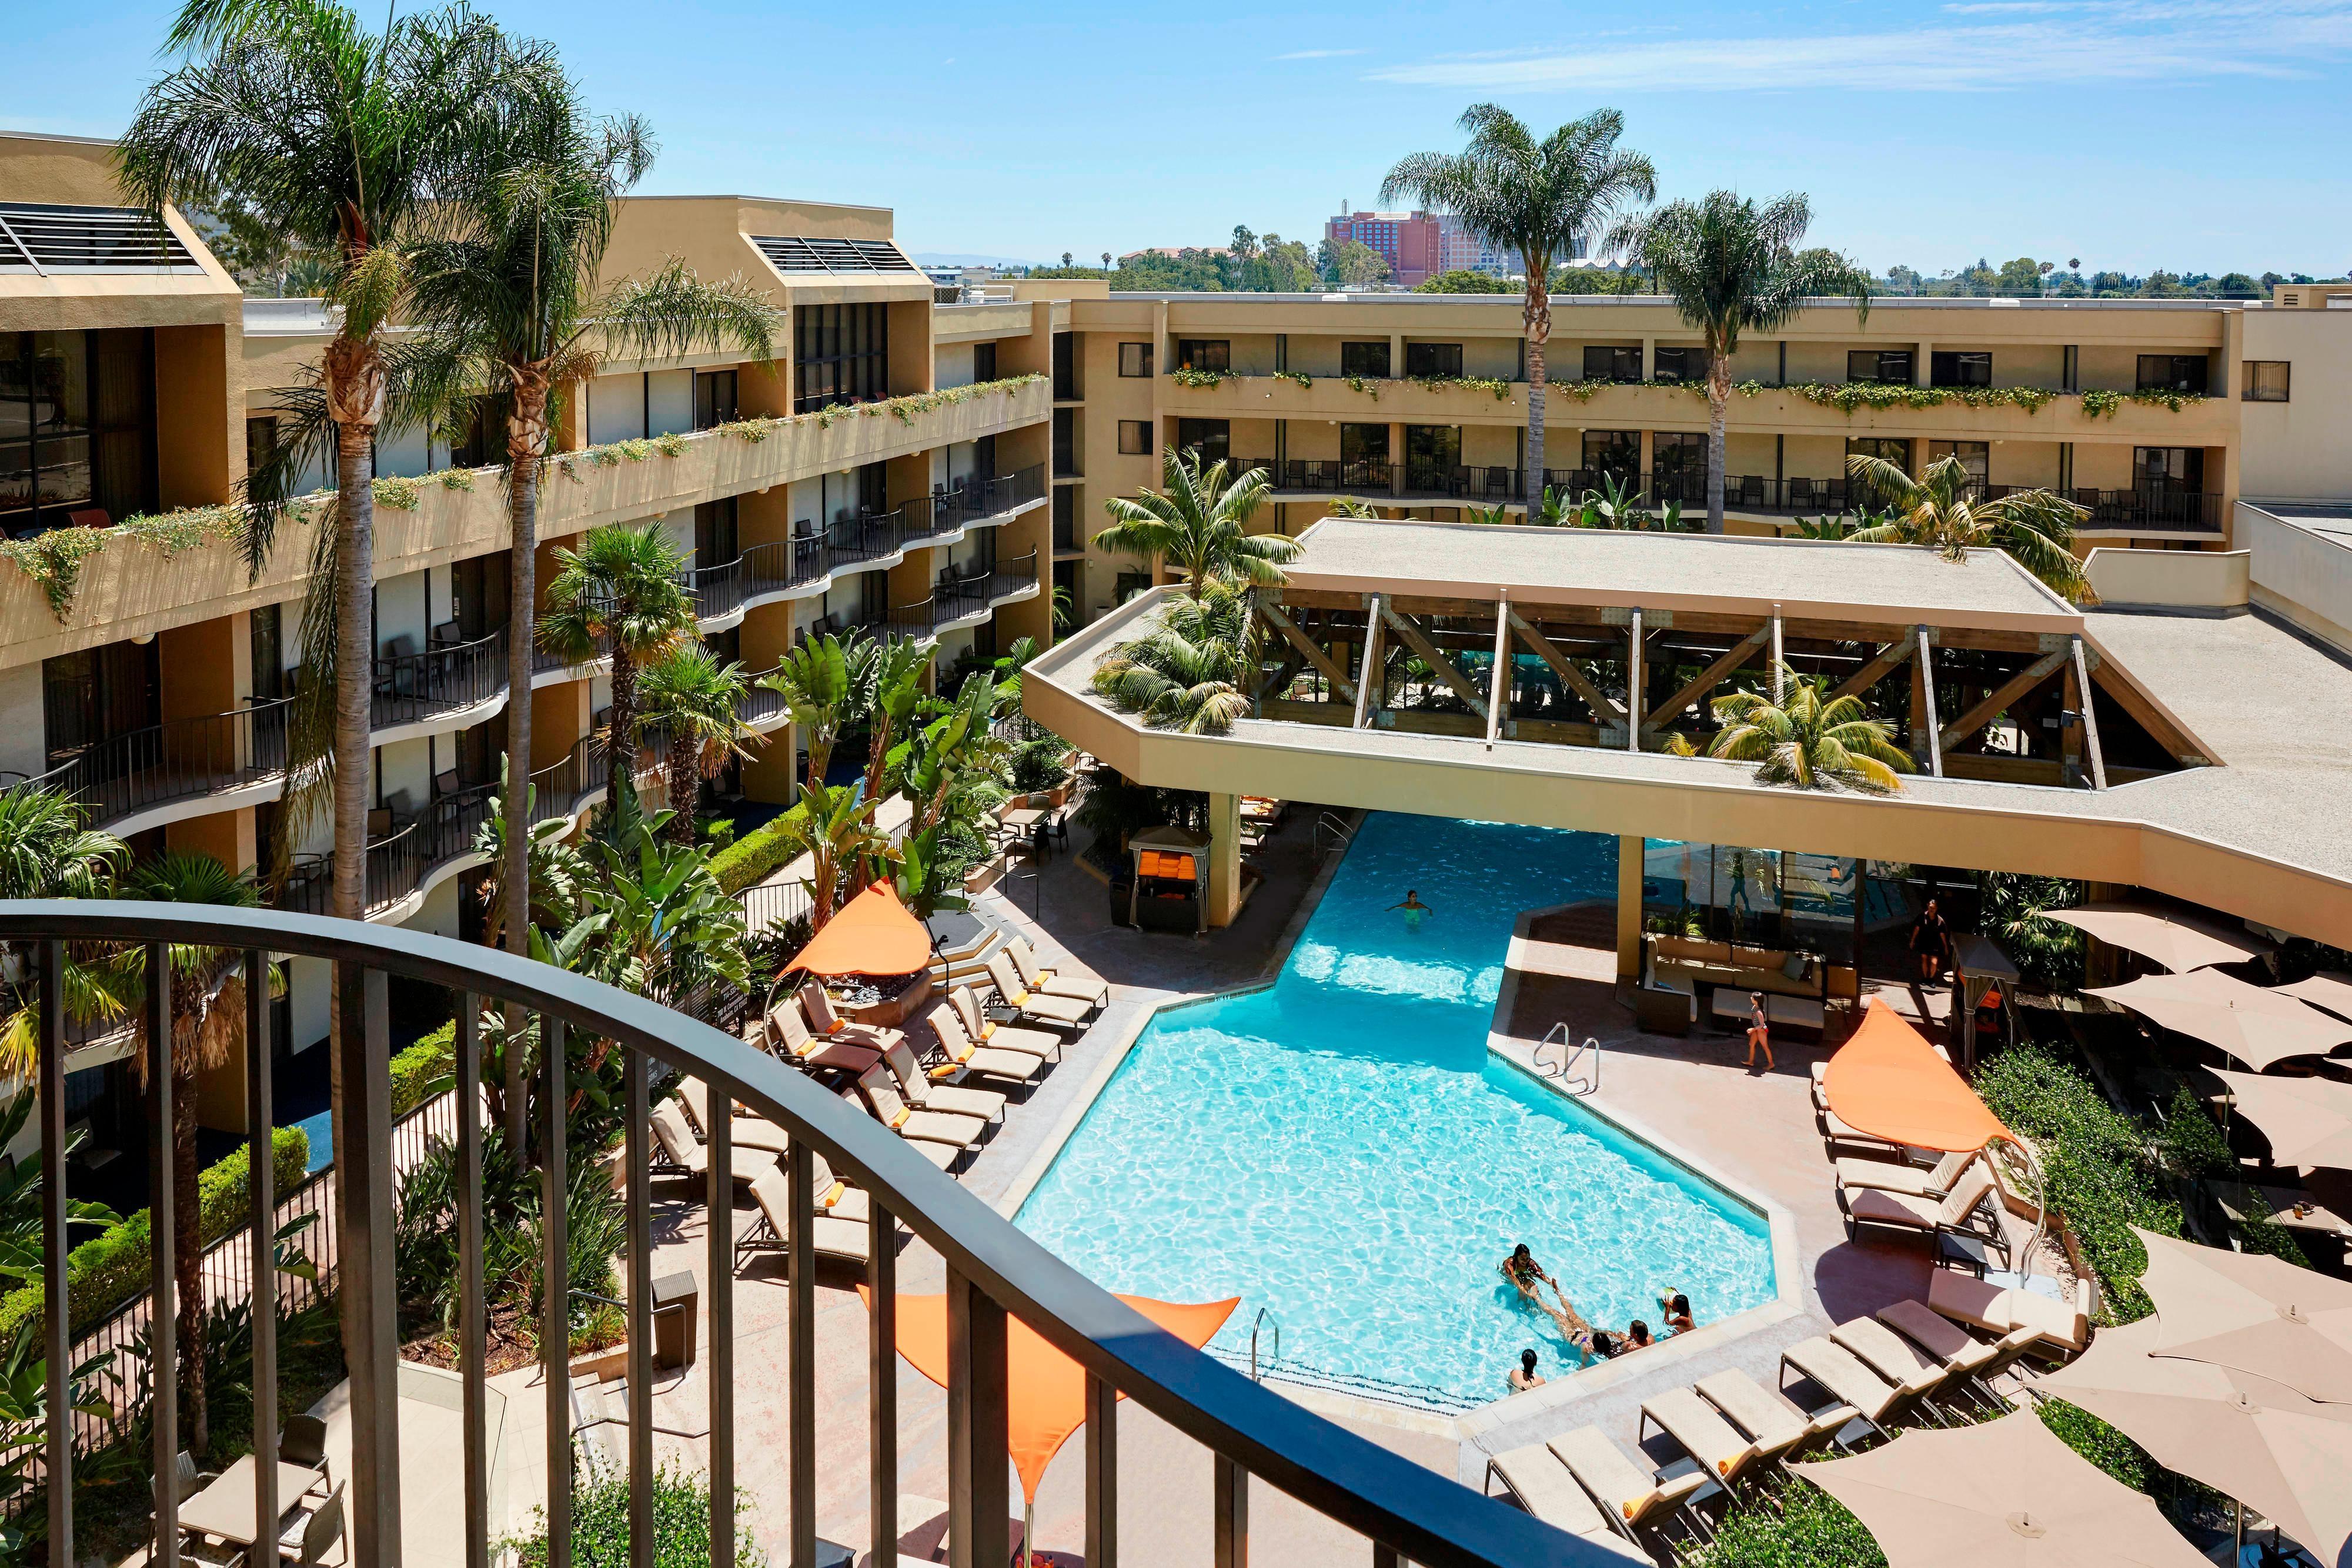 4-star Hotel In Anaheim Ca Marriott